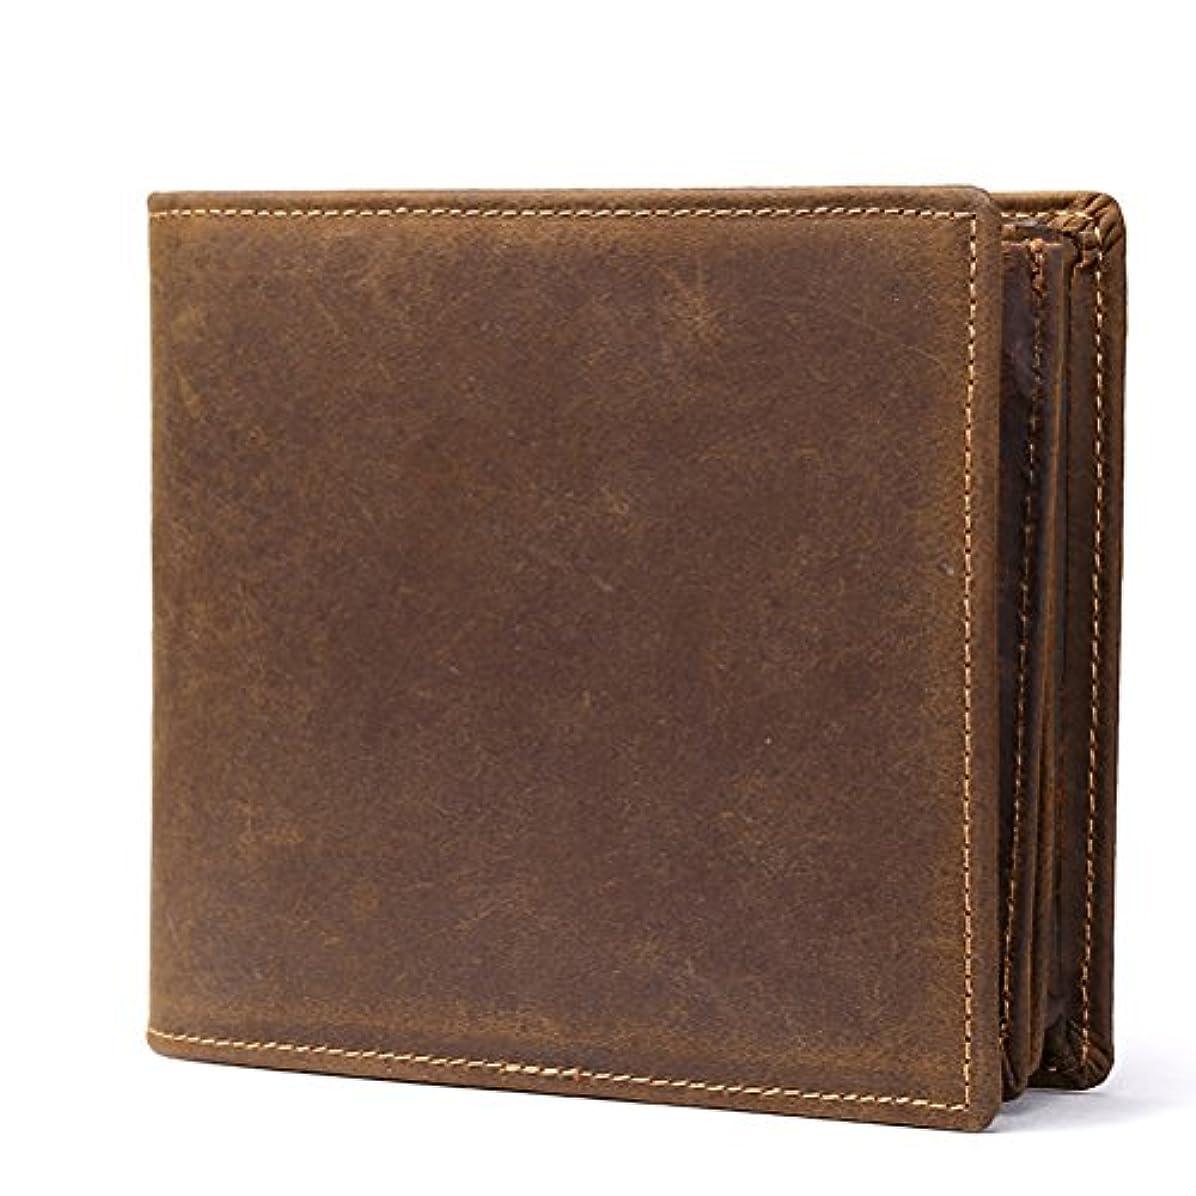 ヒロイック溝受け入れたZhhlaixing メンズ財布 Mens father's Slim Soft Money Pocket Leather Wallet Credit Card Case with ID Window Halloween...